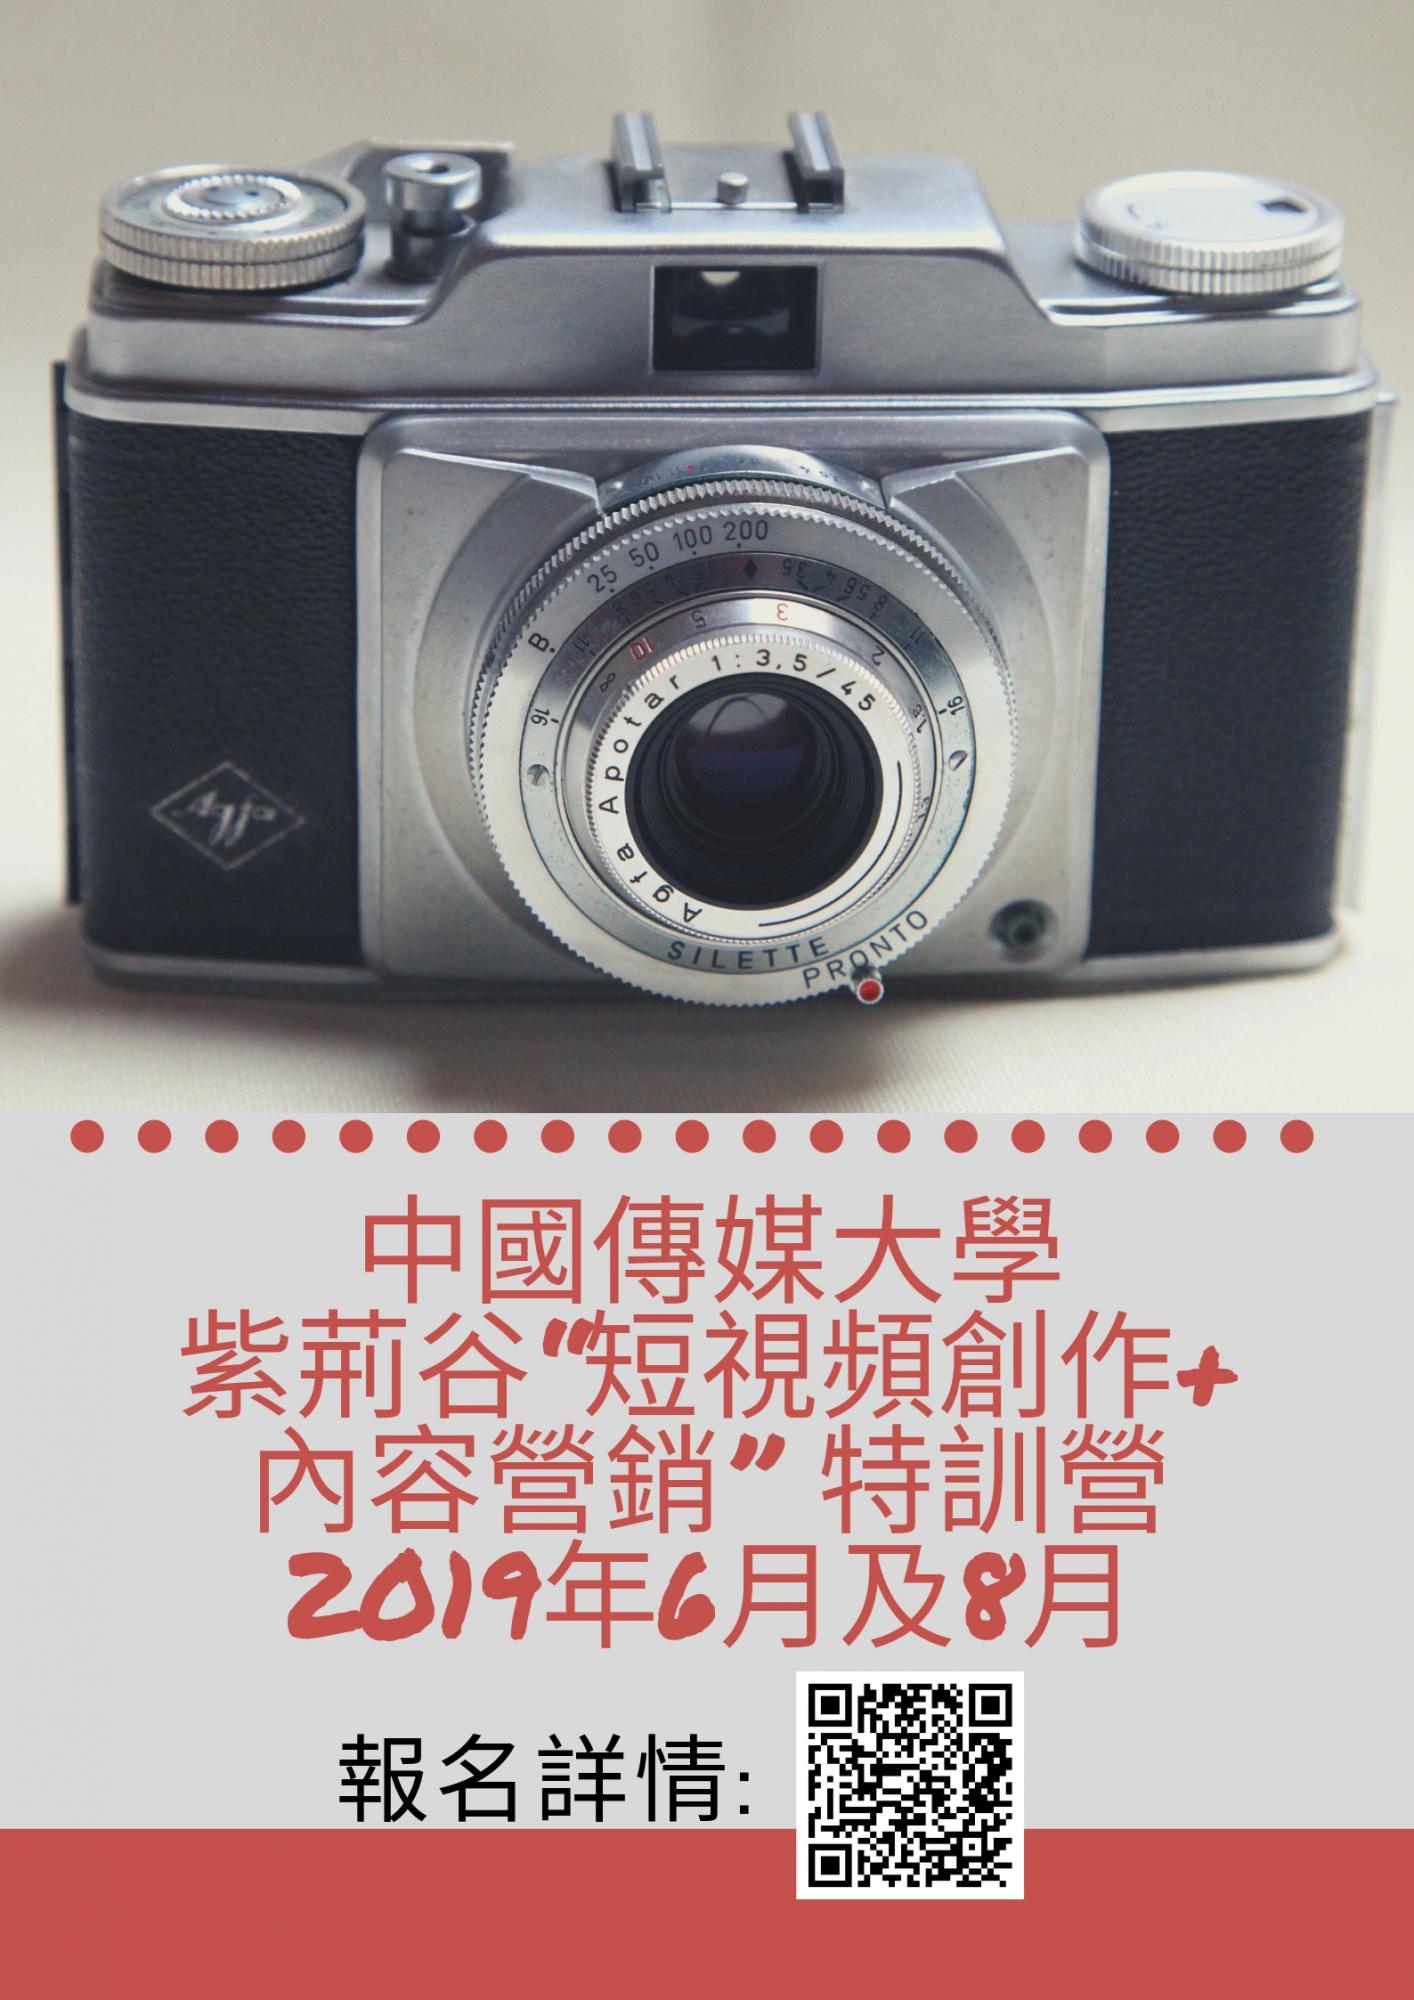 """2019年6月及8月:中傳紫荊谷""""短視頻創作+內容營銷"""" 特訓營"""